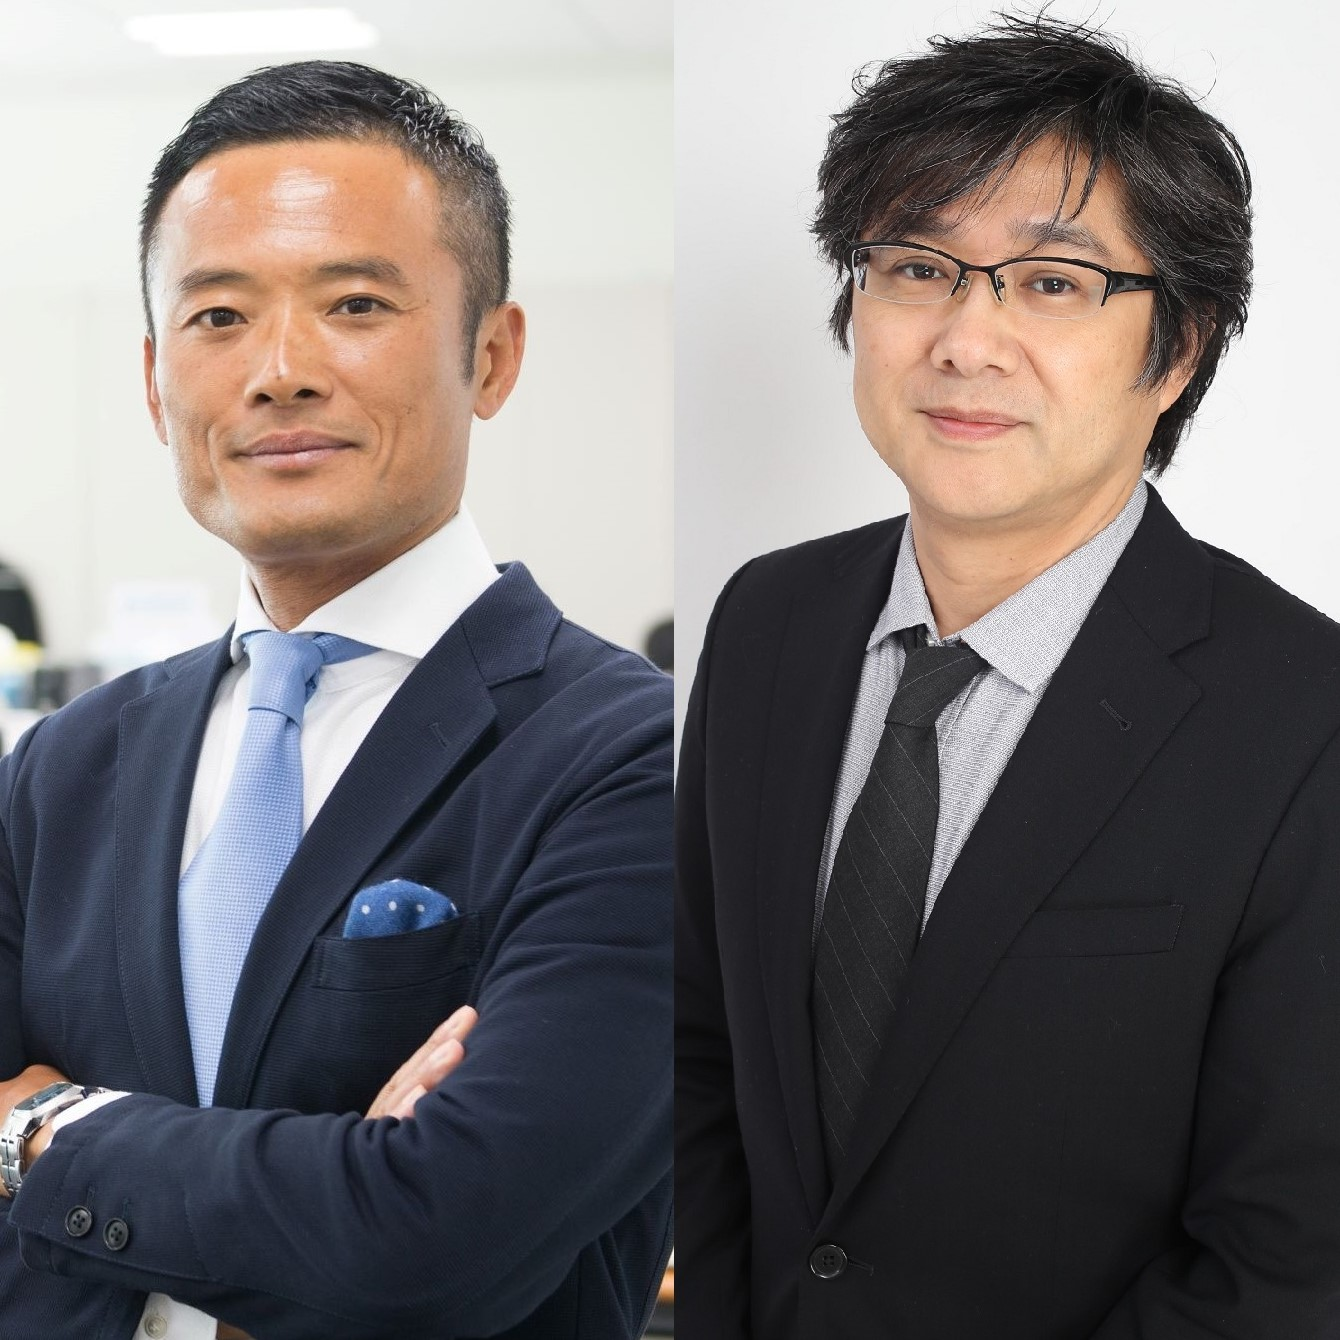 江守哲×伊藤智洋トークセッション『どうする、どうなる2019年後半の日本株』